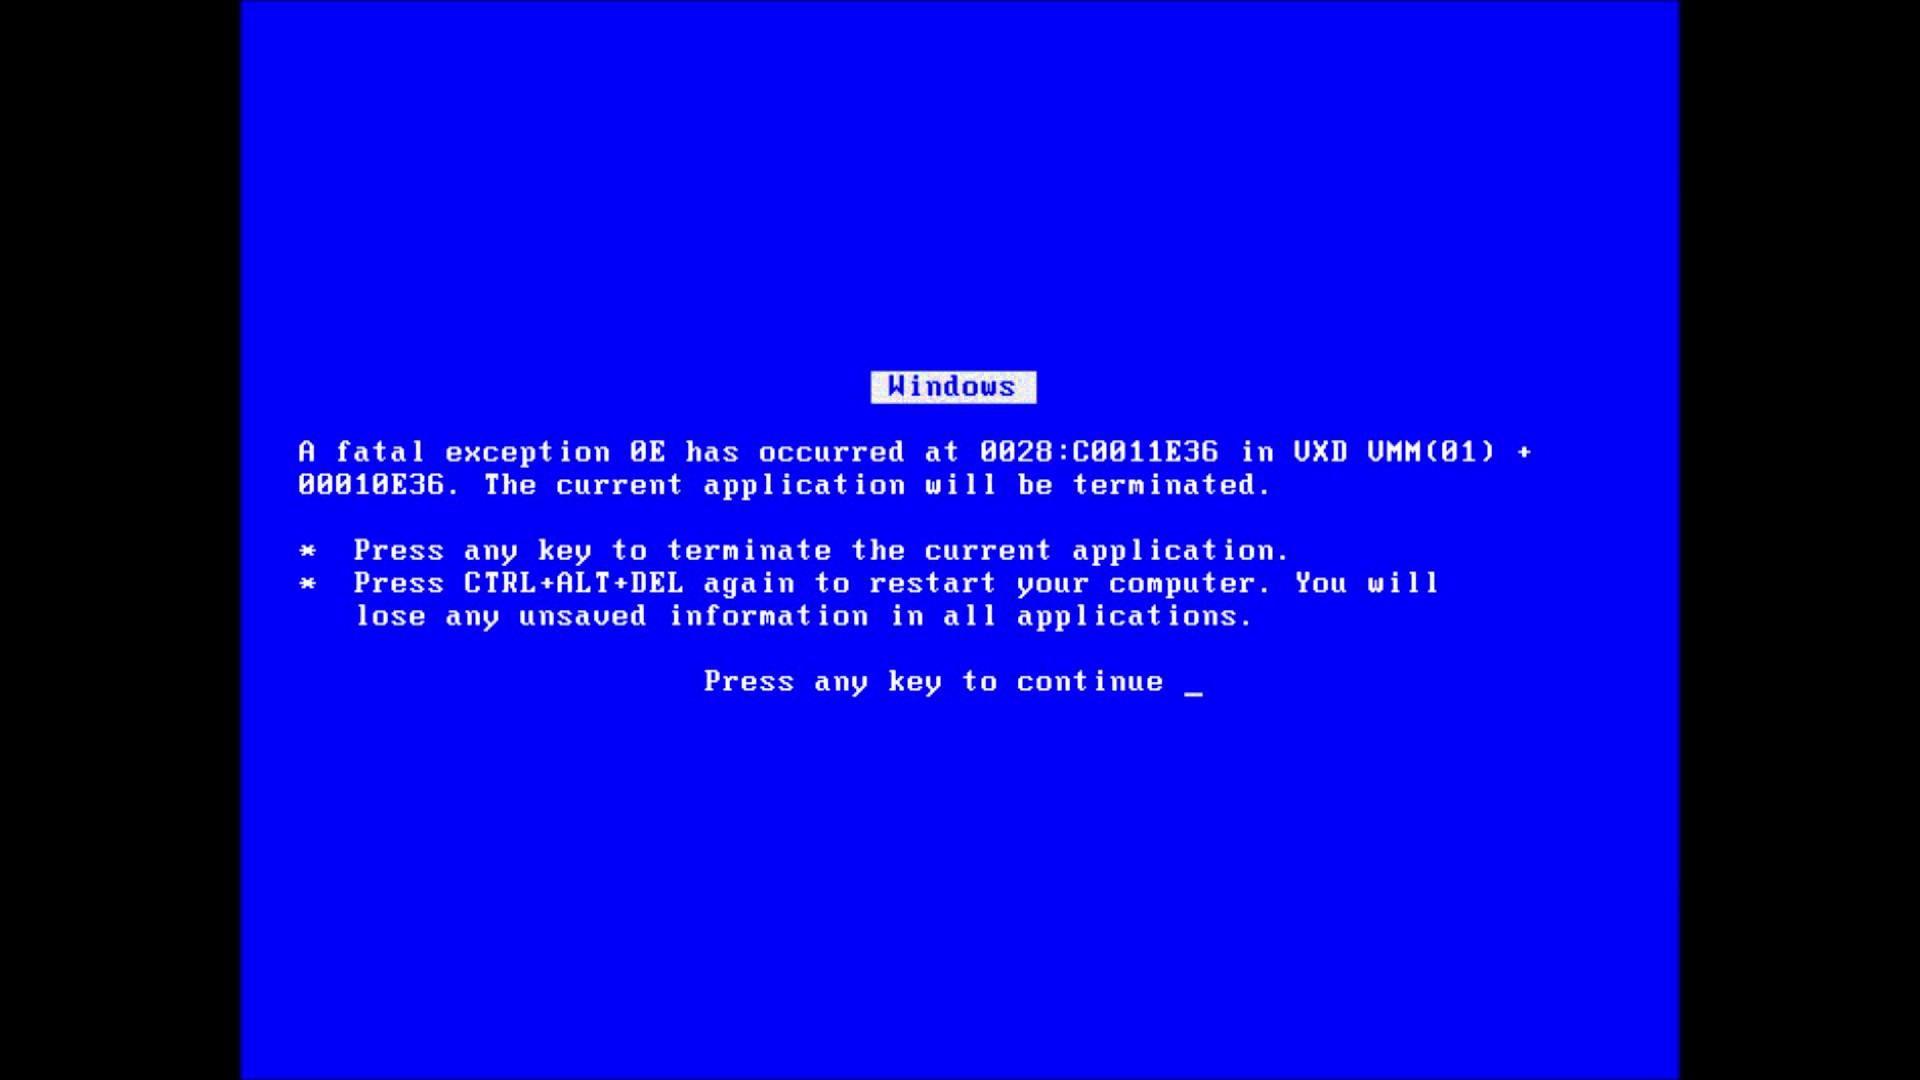 Dark Blue Wallpaper Images On Wallpaper Hd 1920 X 1080 - Windows 10 Blue Screen 1080 X 1920 , HD Wallpaper & Backgrounds